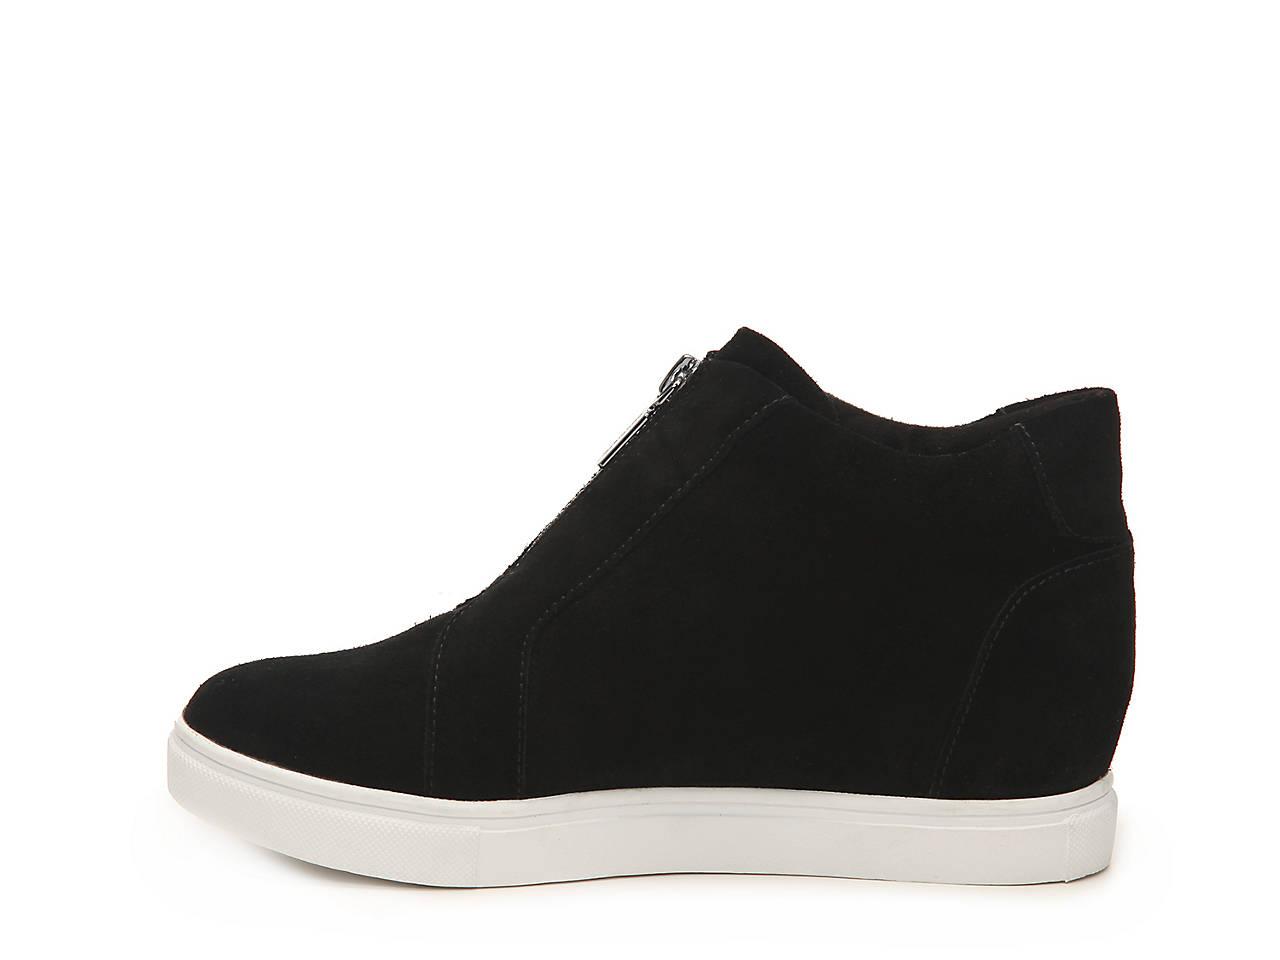 f5ffc2922c2 Glenda Wedge Sneaker